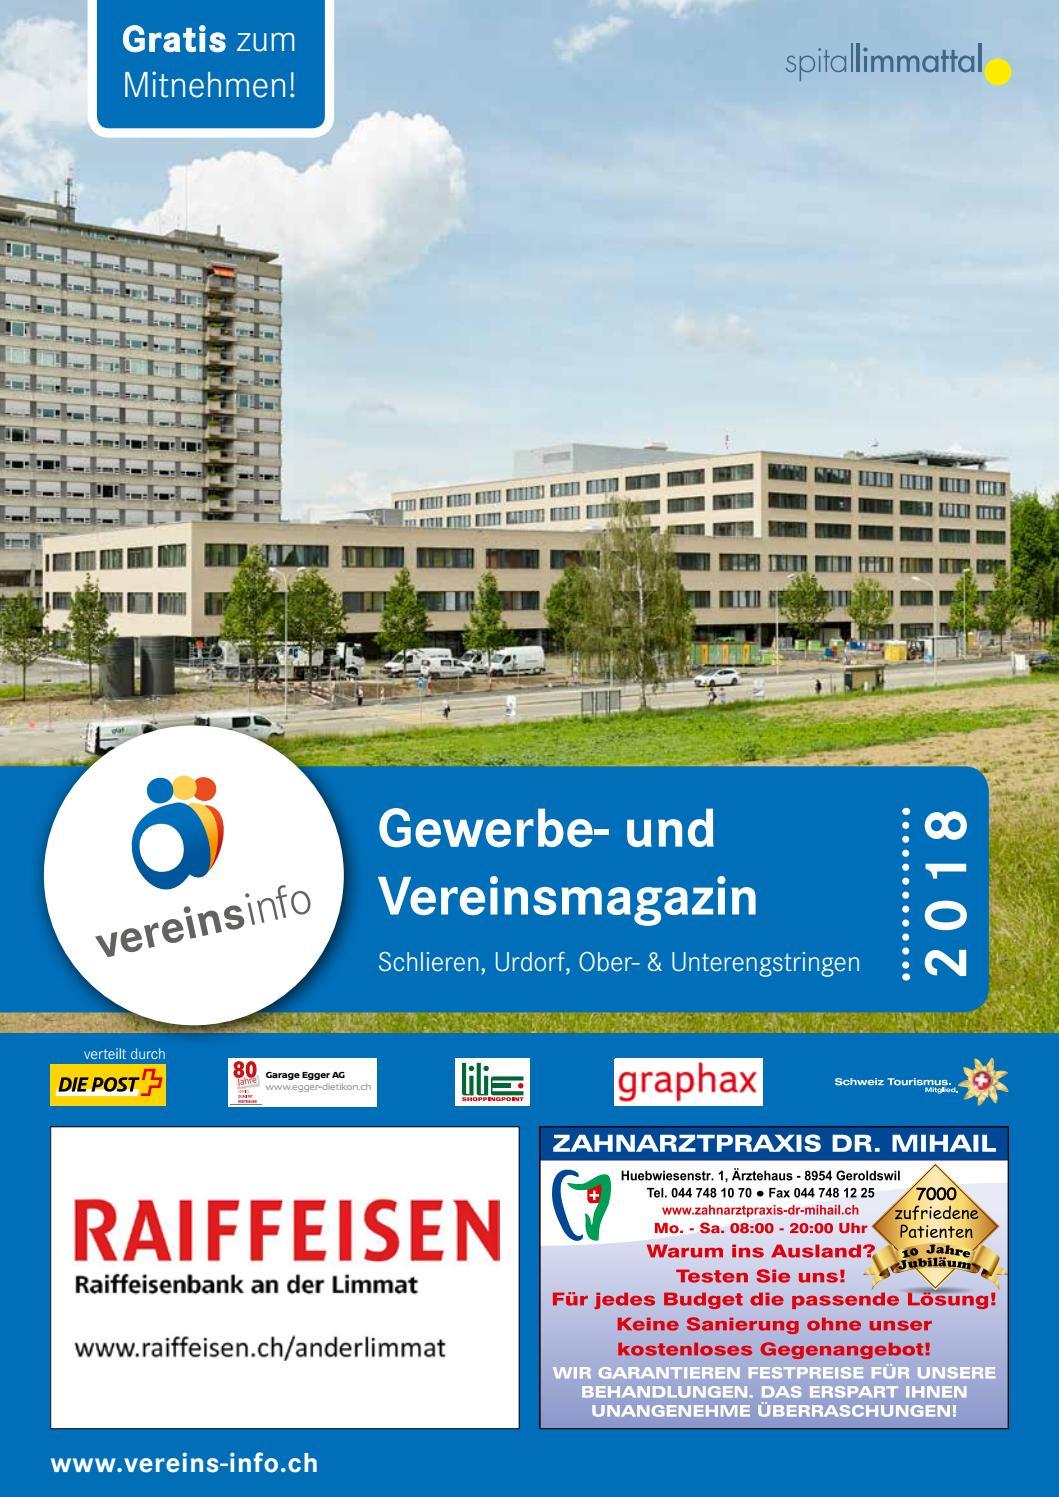 Gewerbe und Vereinsinfo Region Schlieren 2018 by Miplan AG